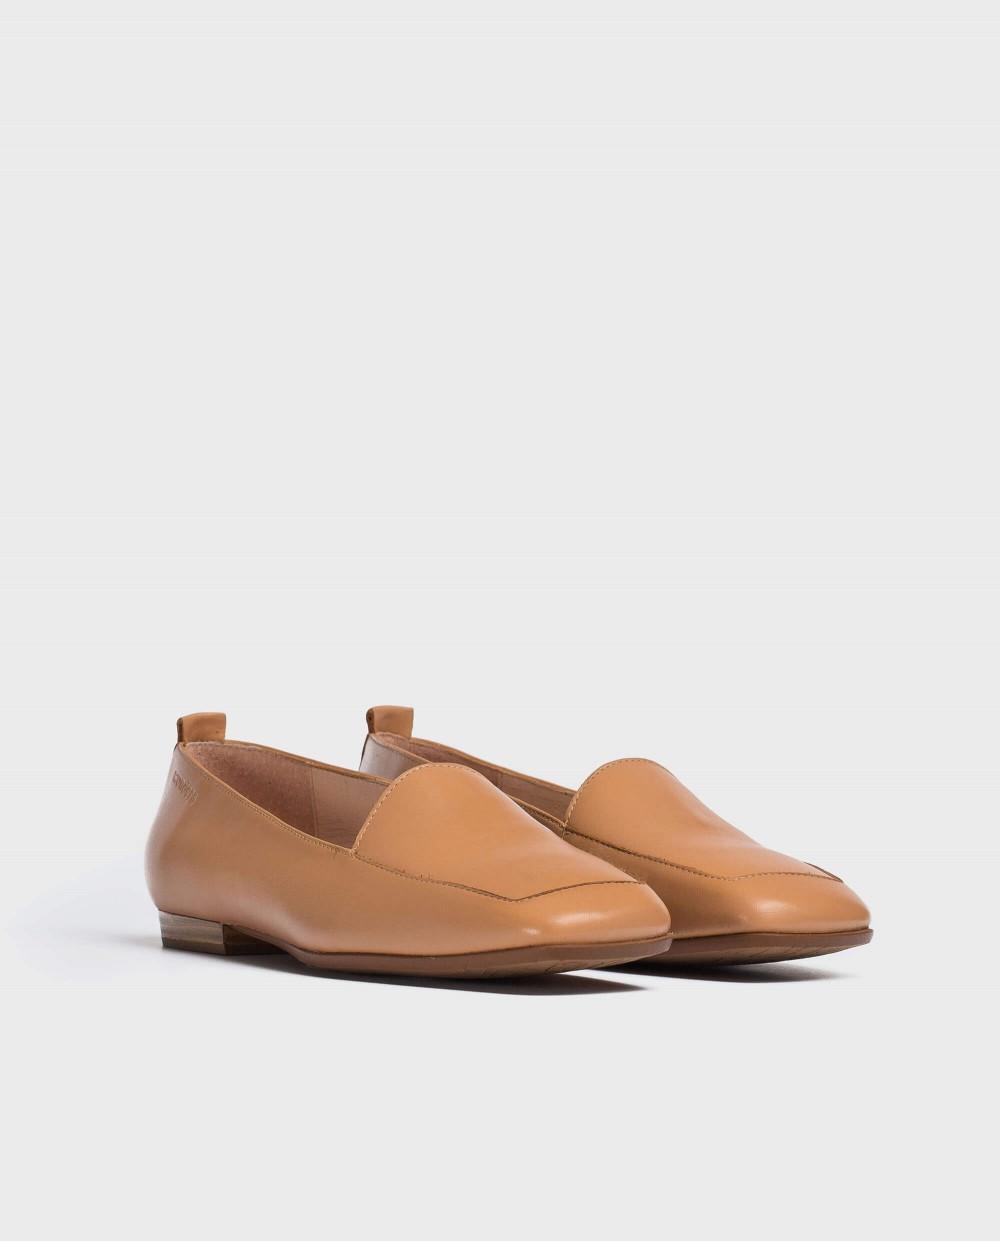 Wonders-Women-Flat leather shoe